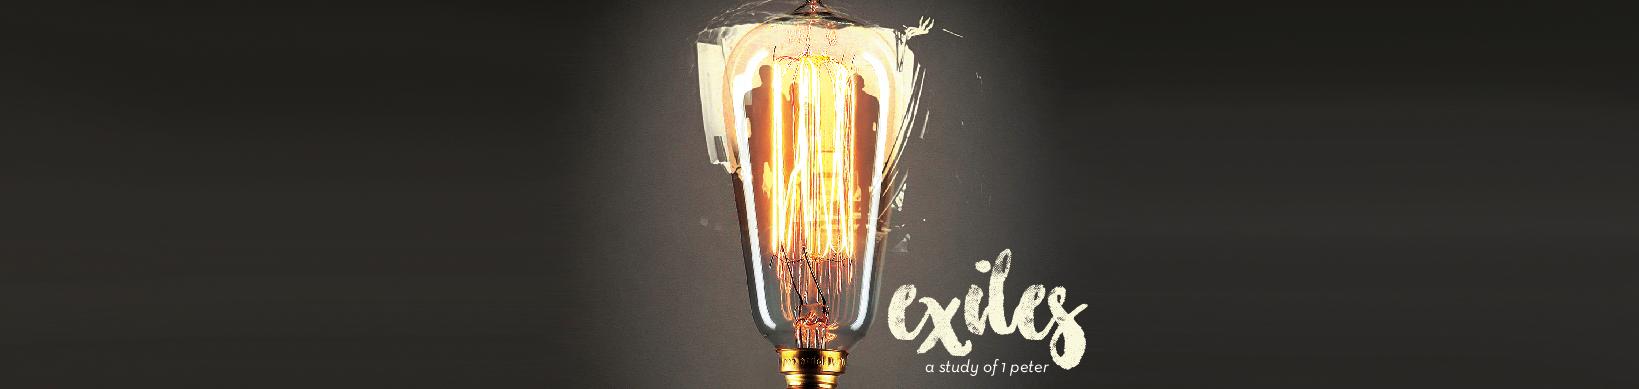 Exiles Series Gfx_Web Header